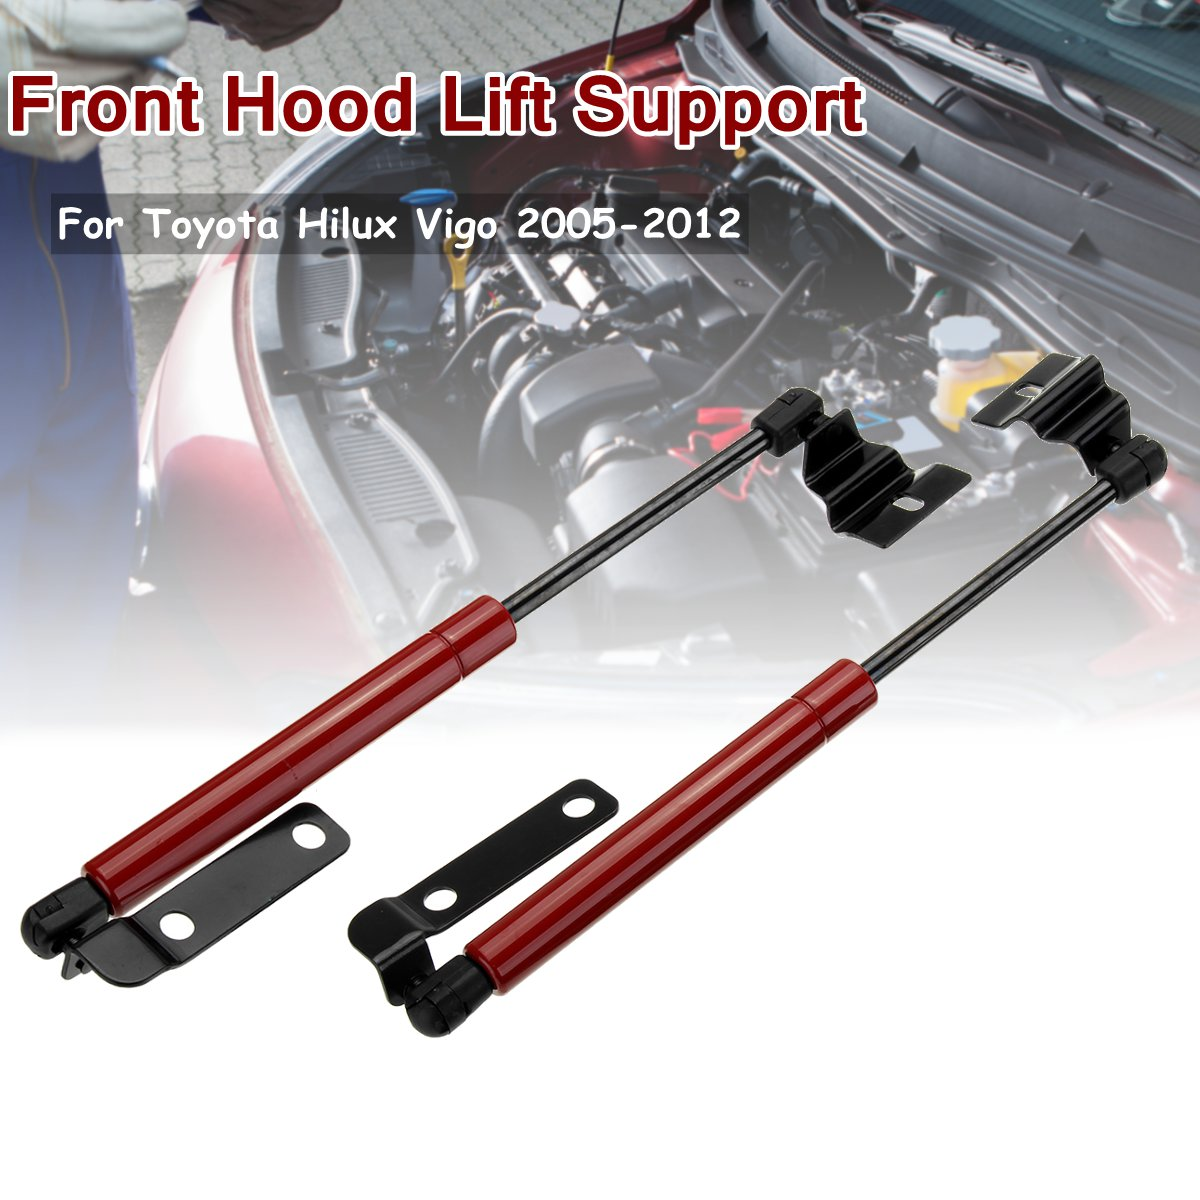 2X przednia pokrywa silnika klapa maski Shock Lift Struts Bar ramię podtrzymujące hydrauliczne gazowe dla Toyota Hilux Vigo SR5 2005 2006-2012